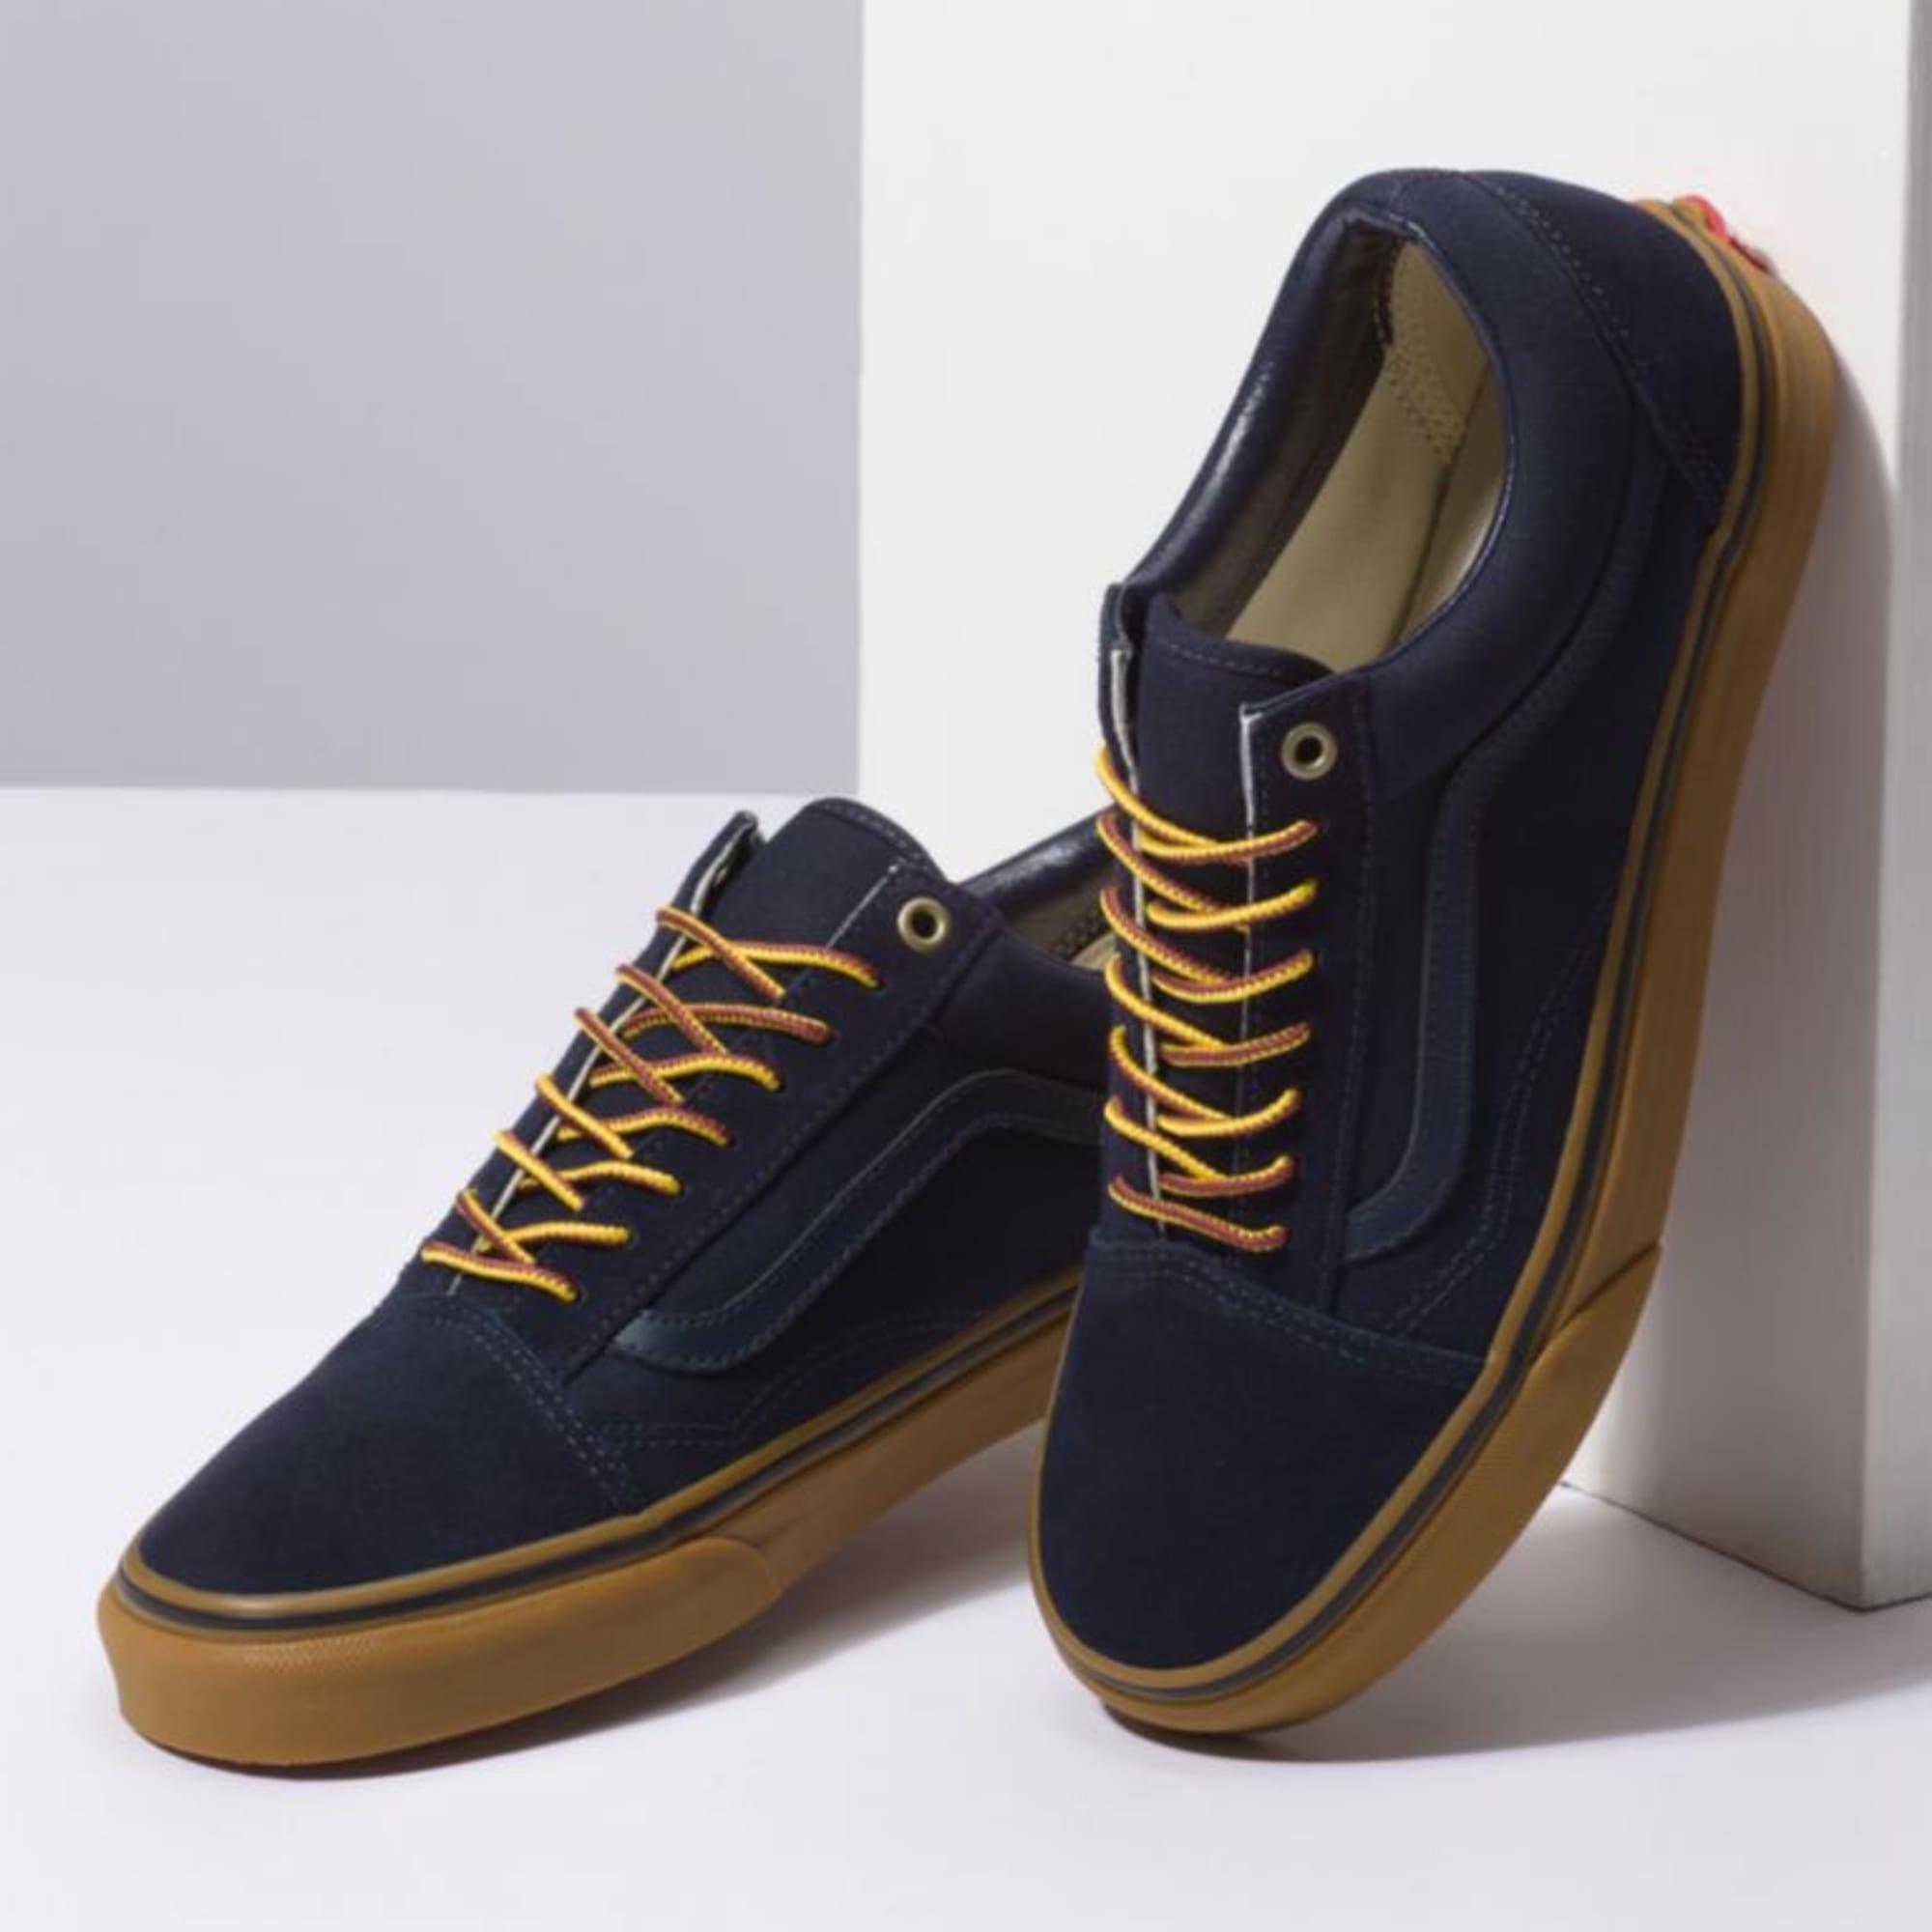 Old Skool Gumsole Skate Shoes